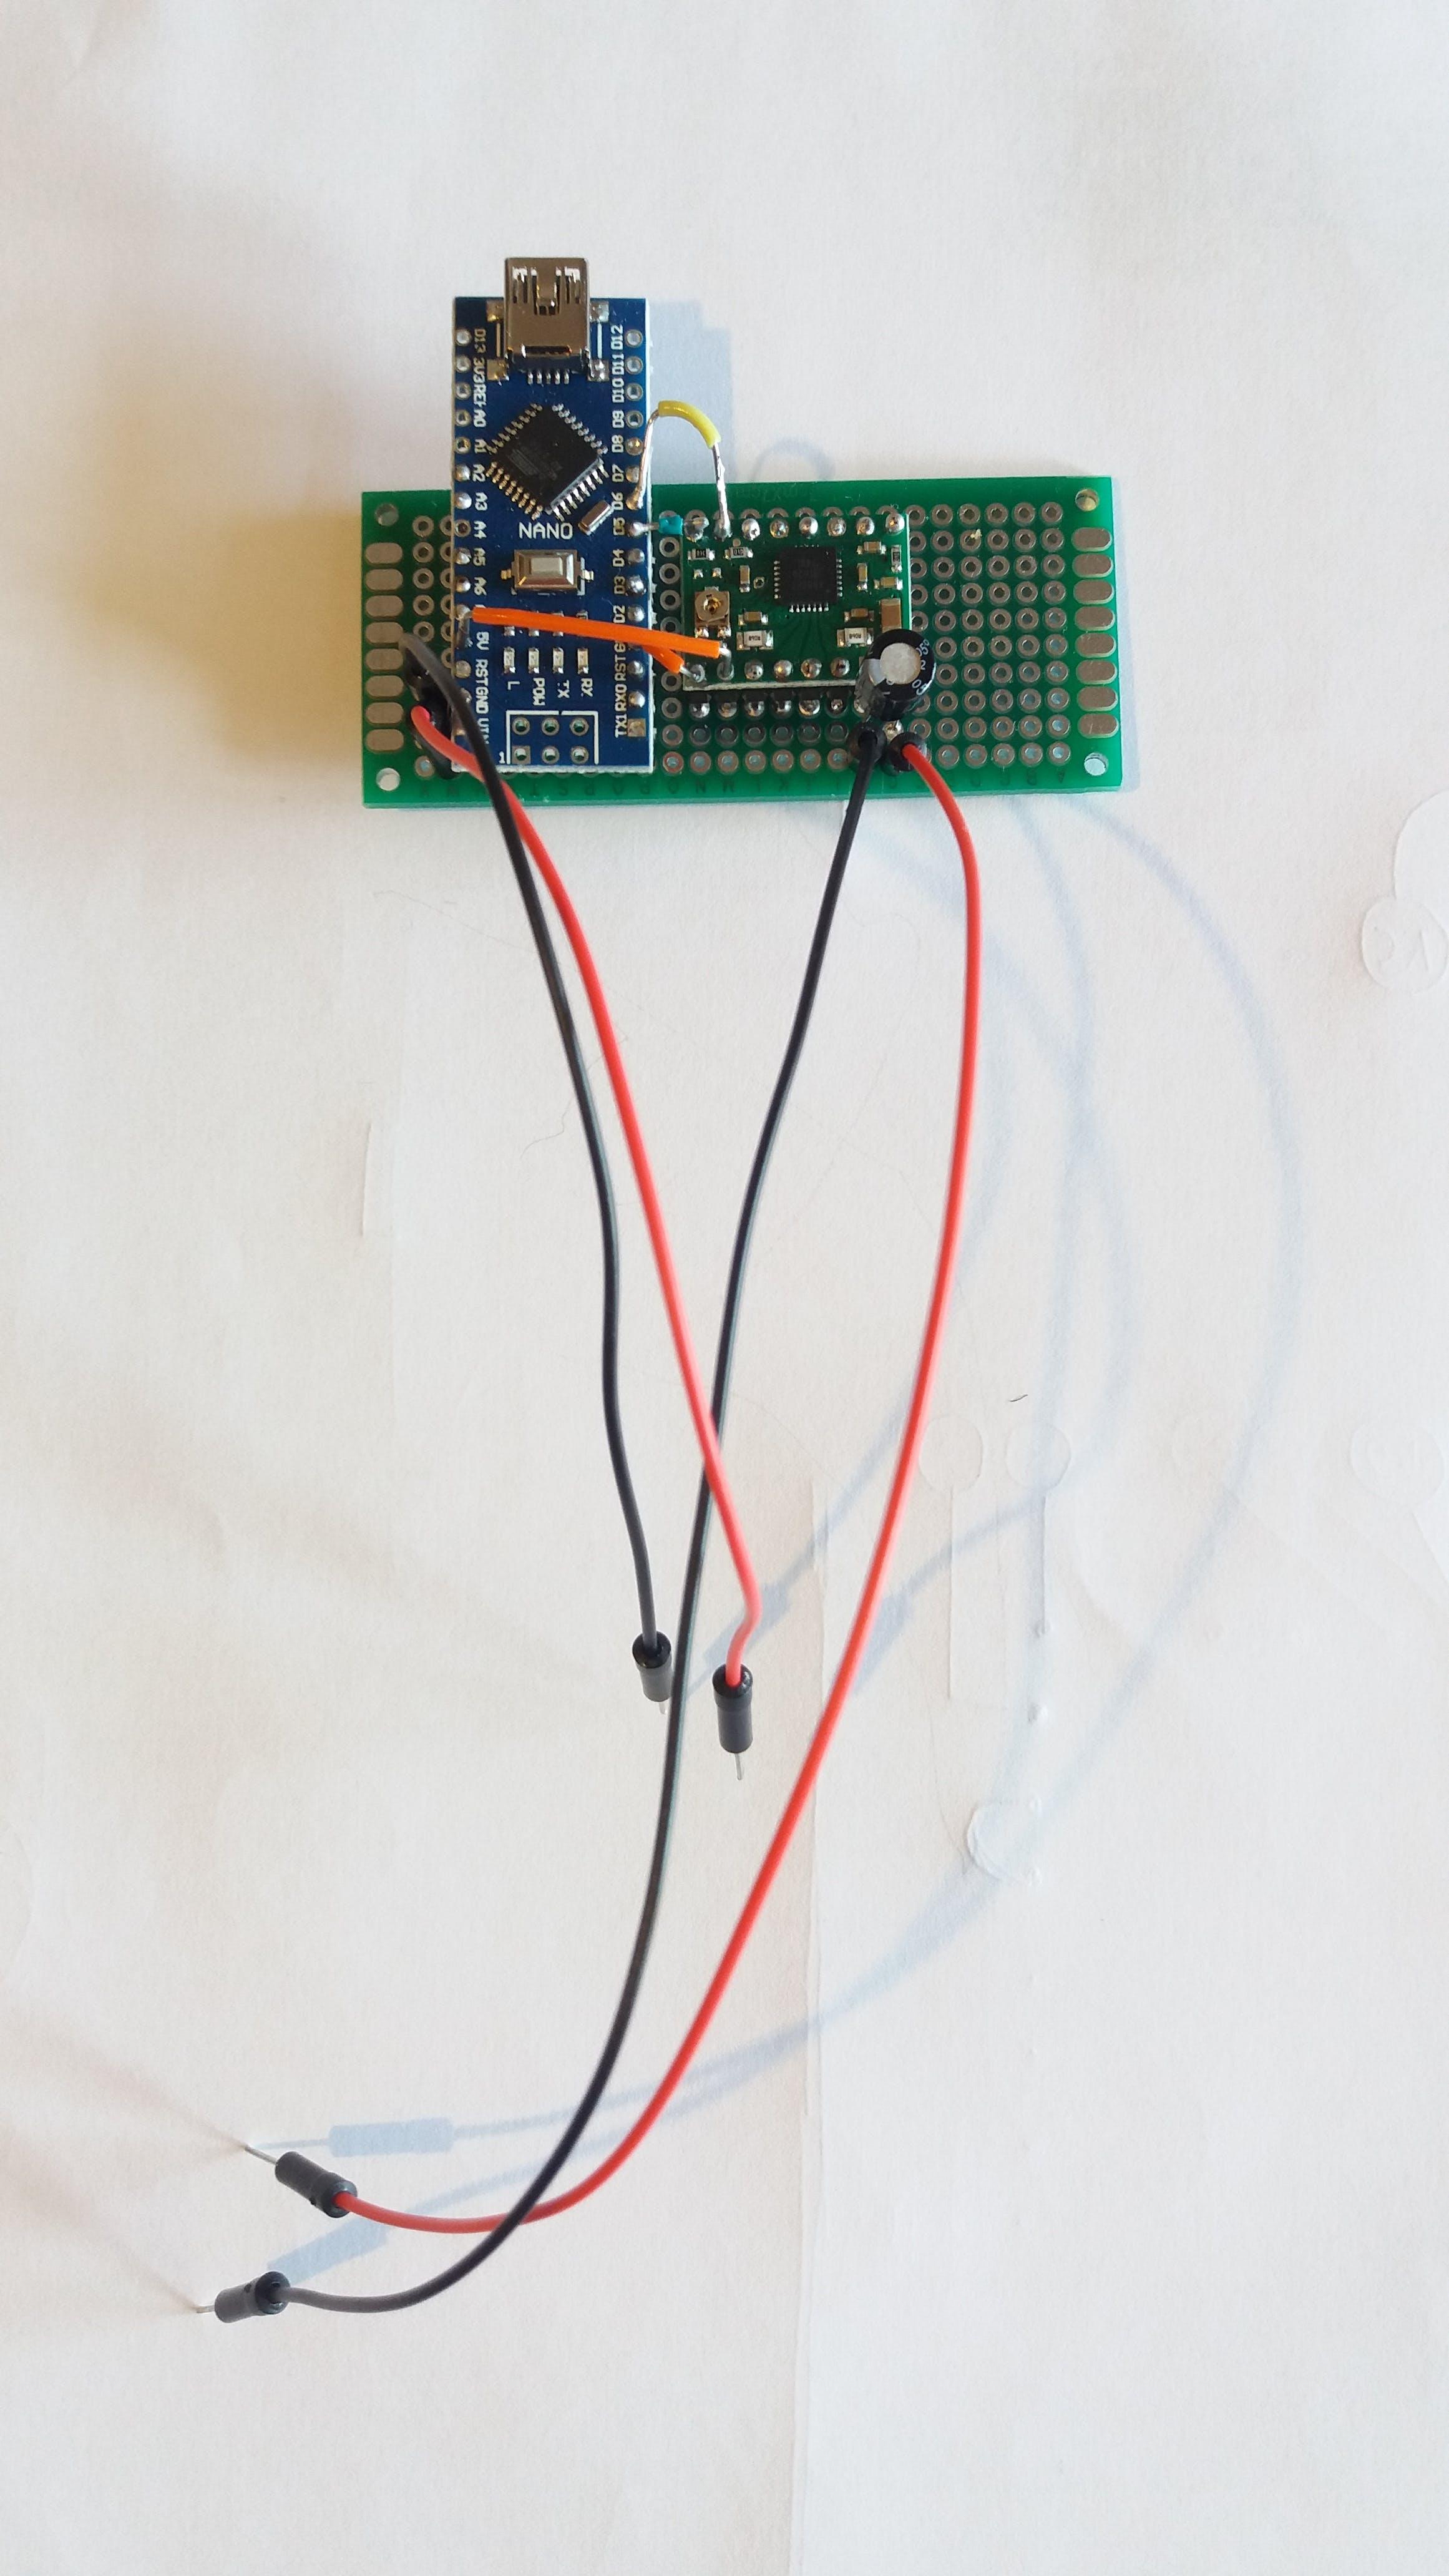 Circuit, work in progress (bridge between Sleep and Reset missing).